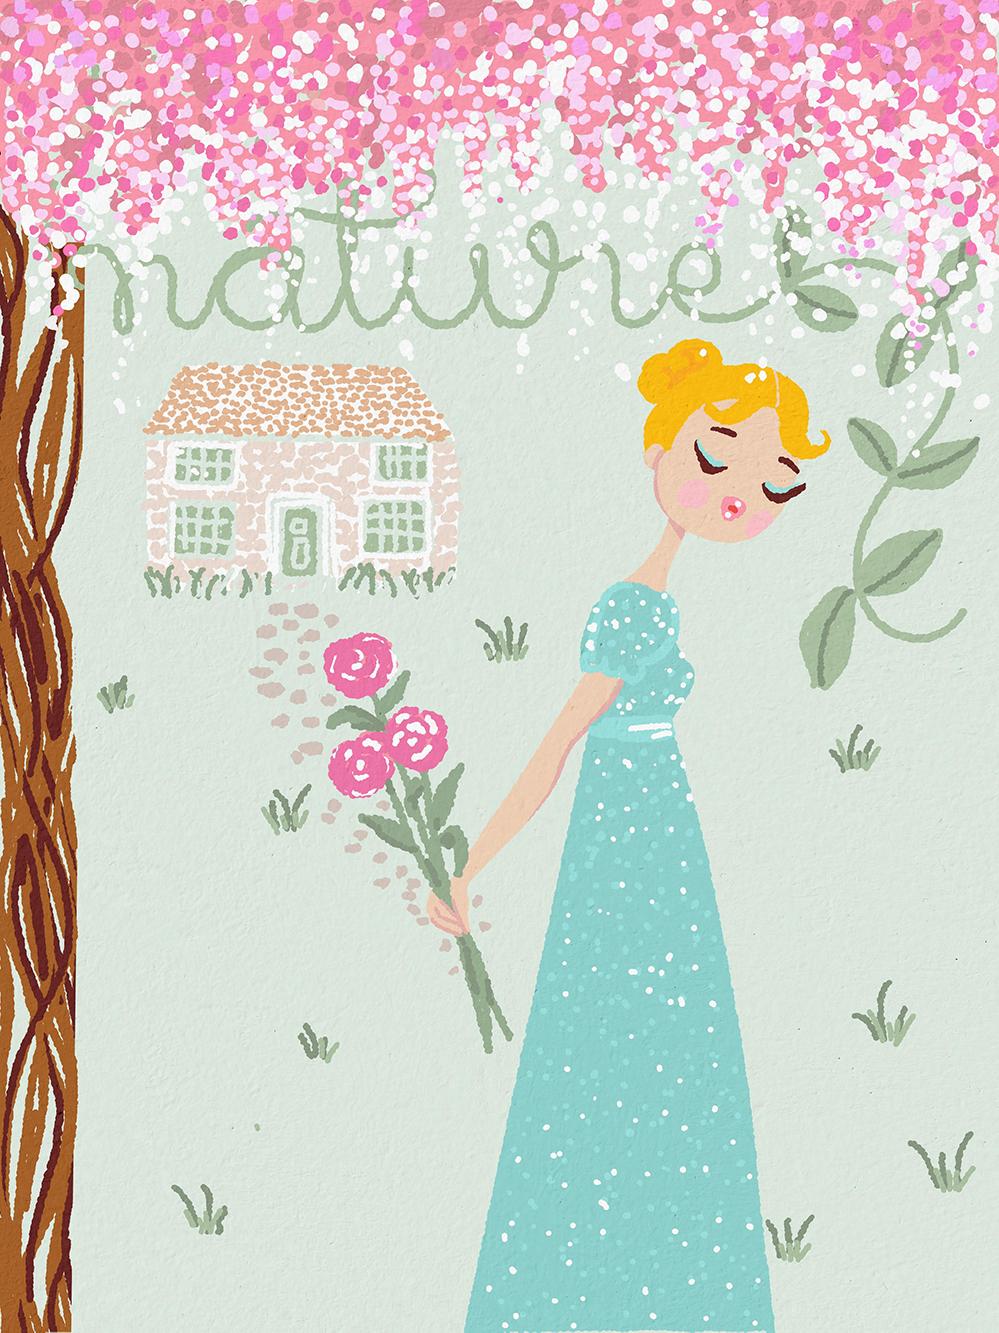 cover-book-design-art-bridgerton-romantic-novel-livre couverture-art-illustration-freelance-illustrateur